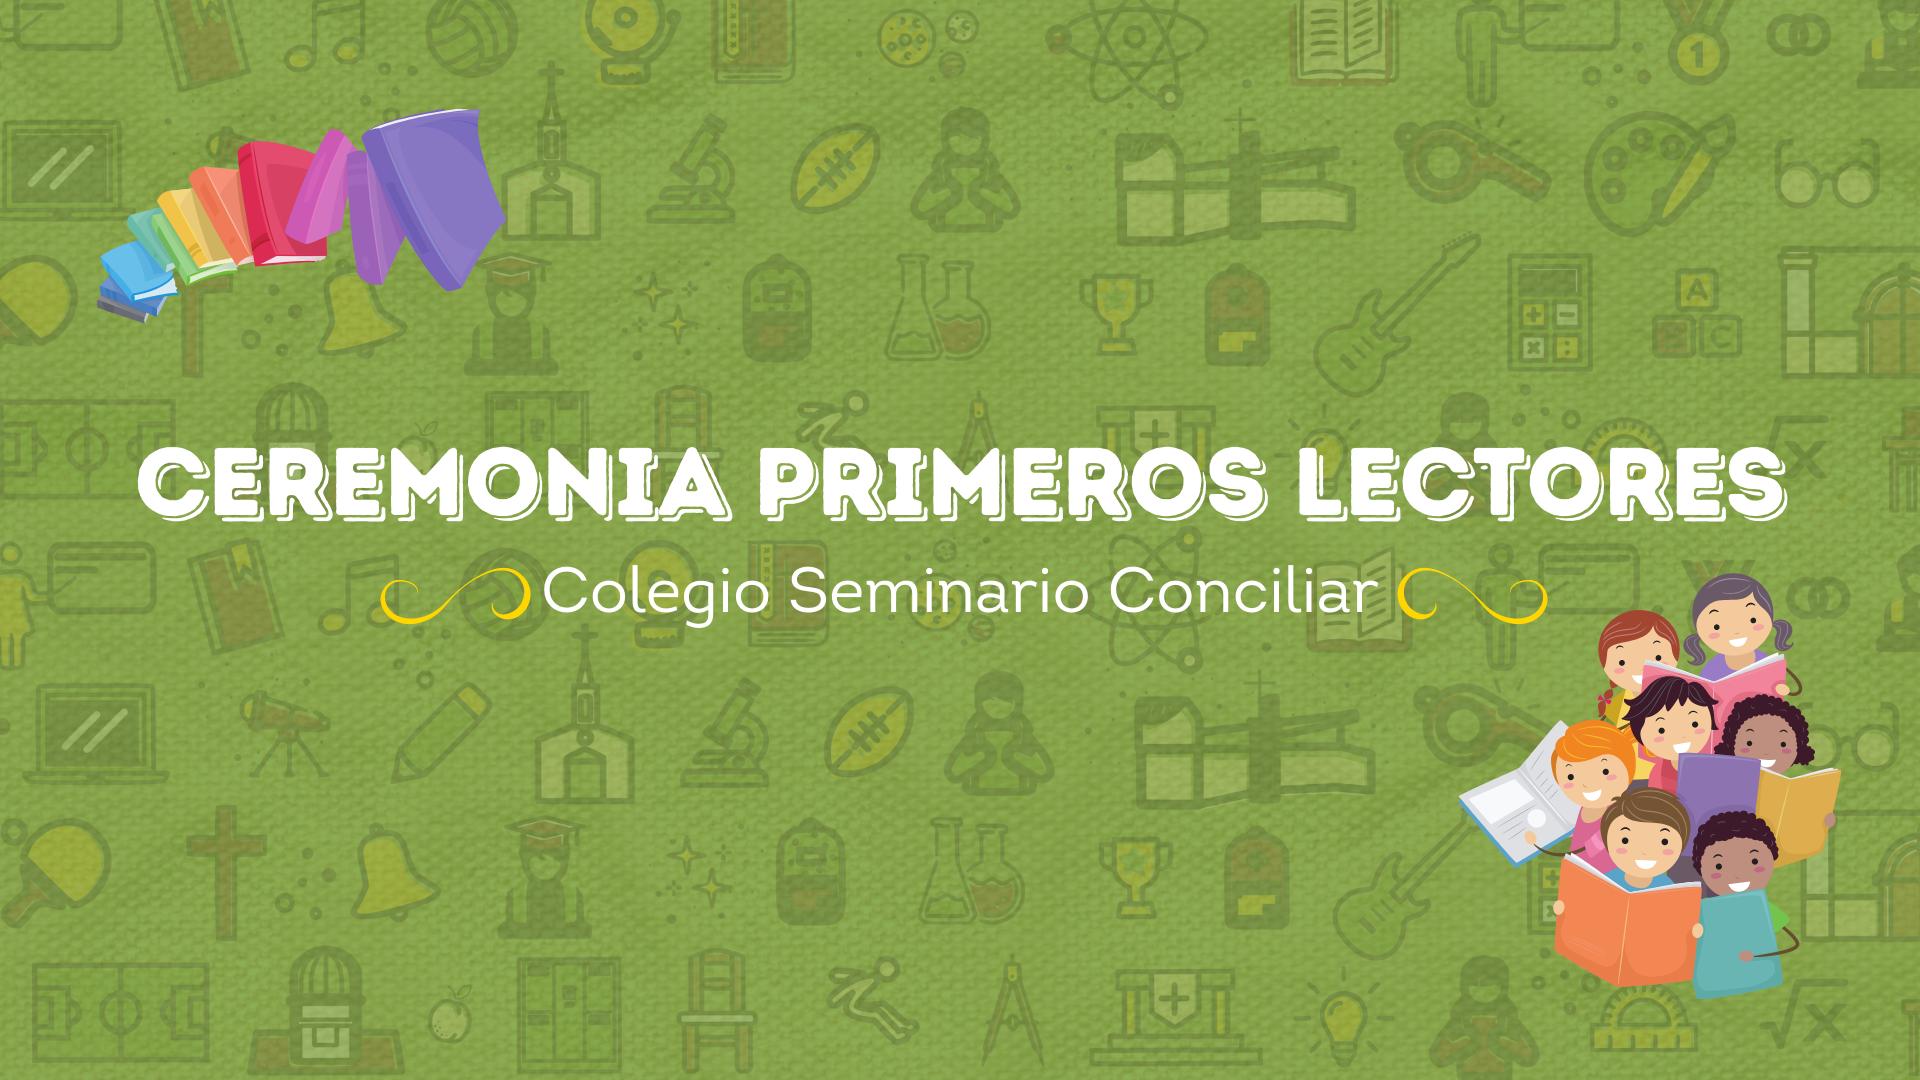 PRIMEROS BÁSICOS CELEBRA CEREMONIA DE PRIMEROS LECTORES